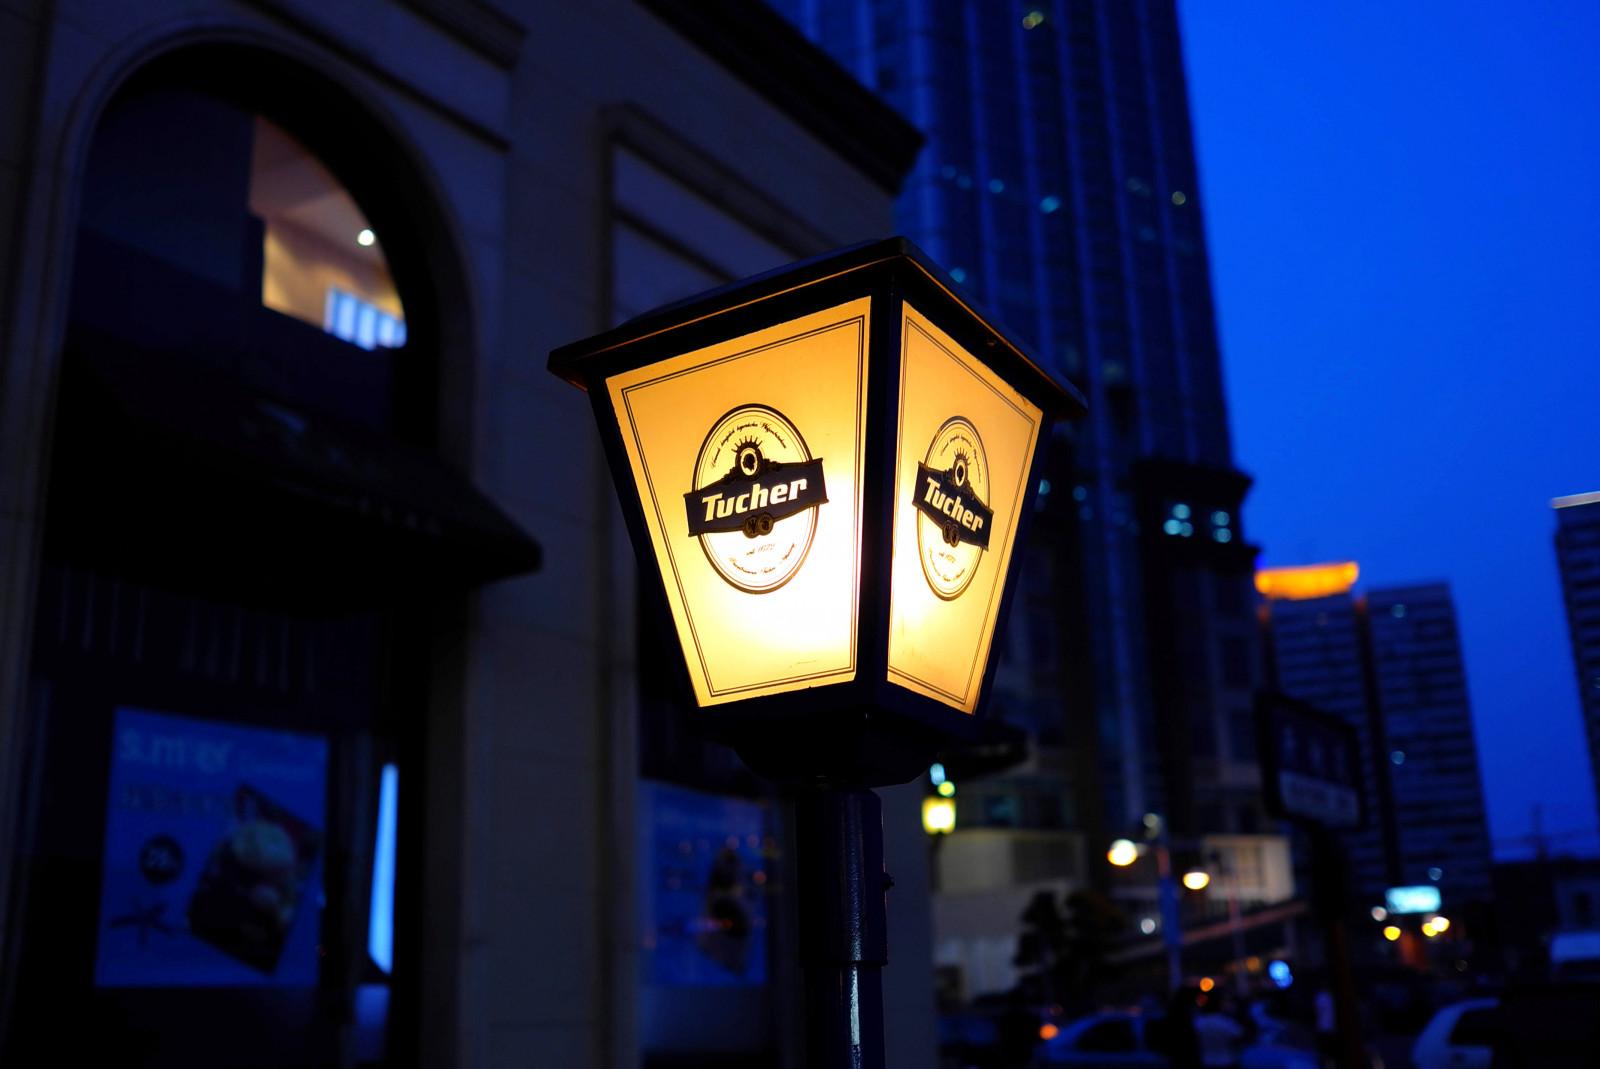 fond d 39 cran clairage public ville rue nuit bleu soir enseigne au n on lumi re. Black Bedroom Furniture Sets. Home Design Ideas